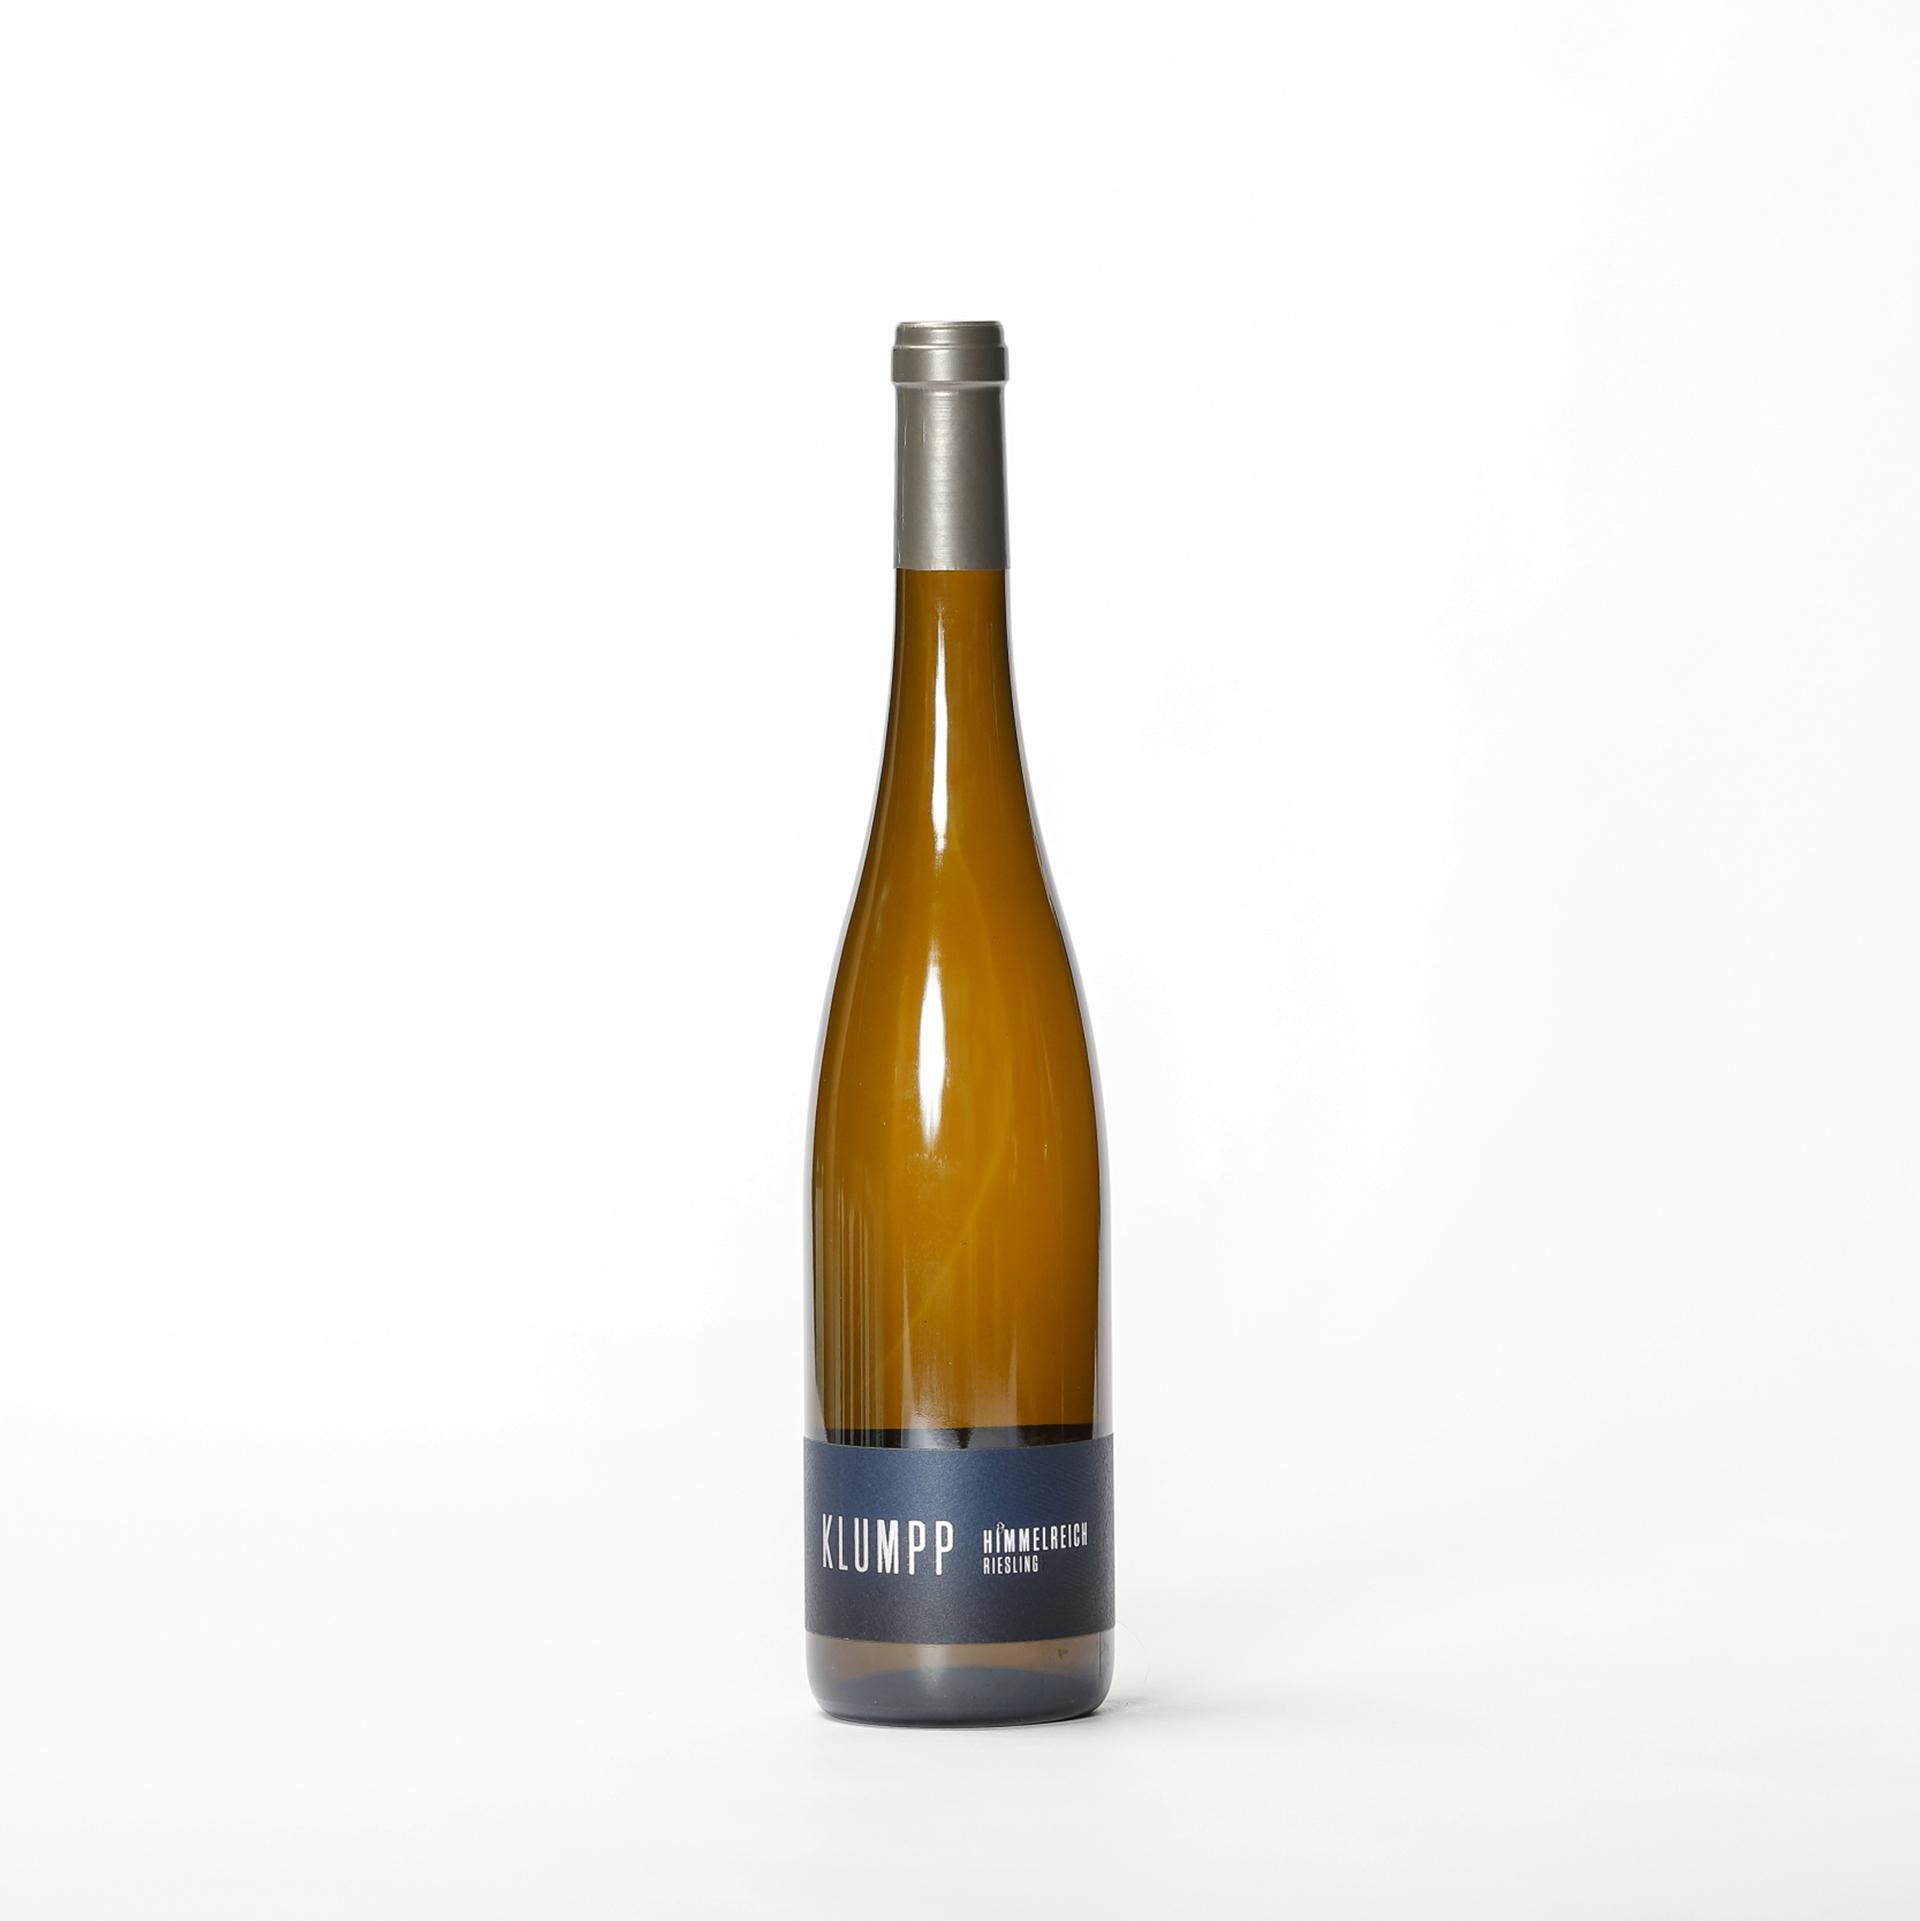 Himmelreich Riesling 2019 - Weingut Klumpp